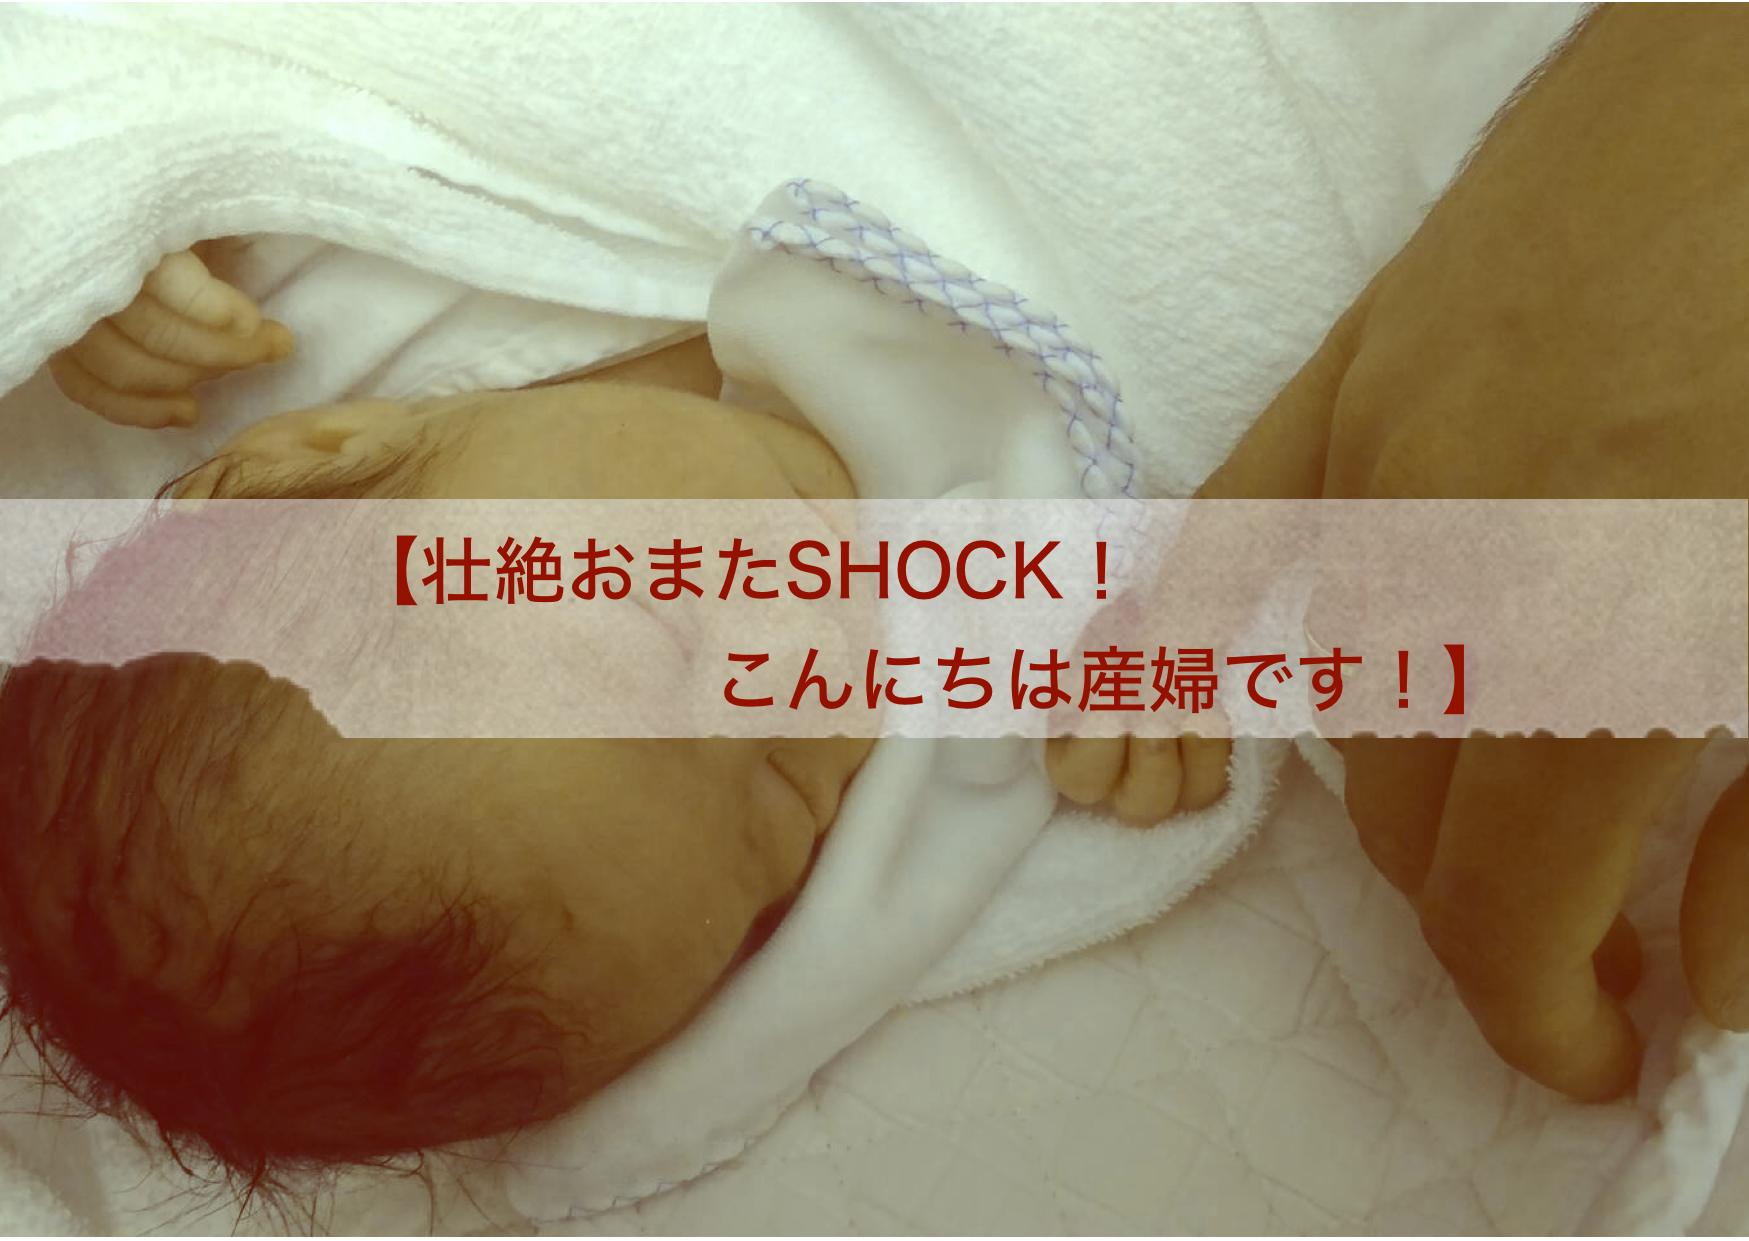 【壮絶おまたSHOCK!こんにちは産婦です!】